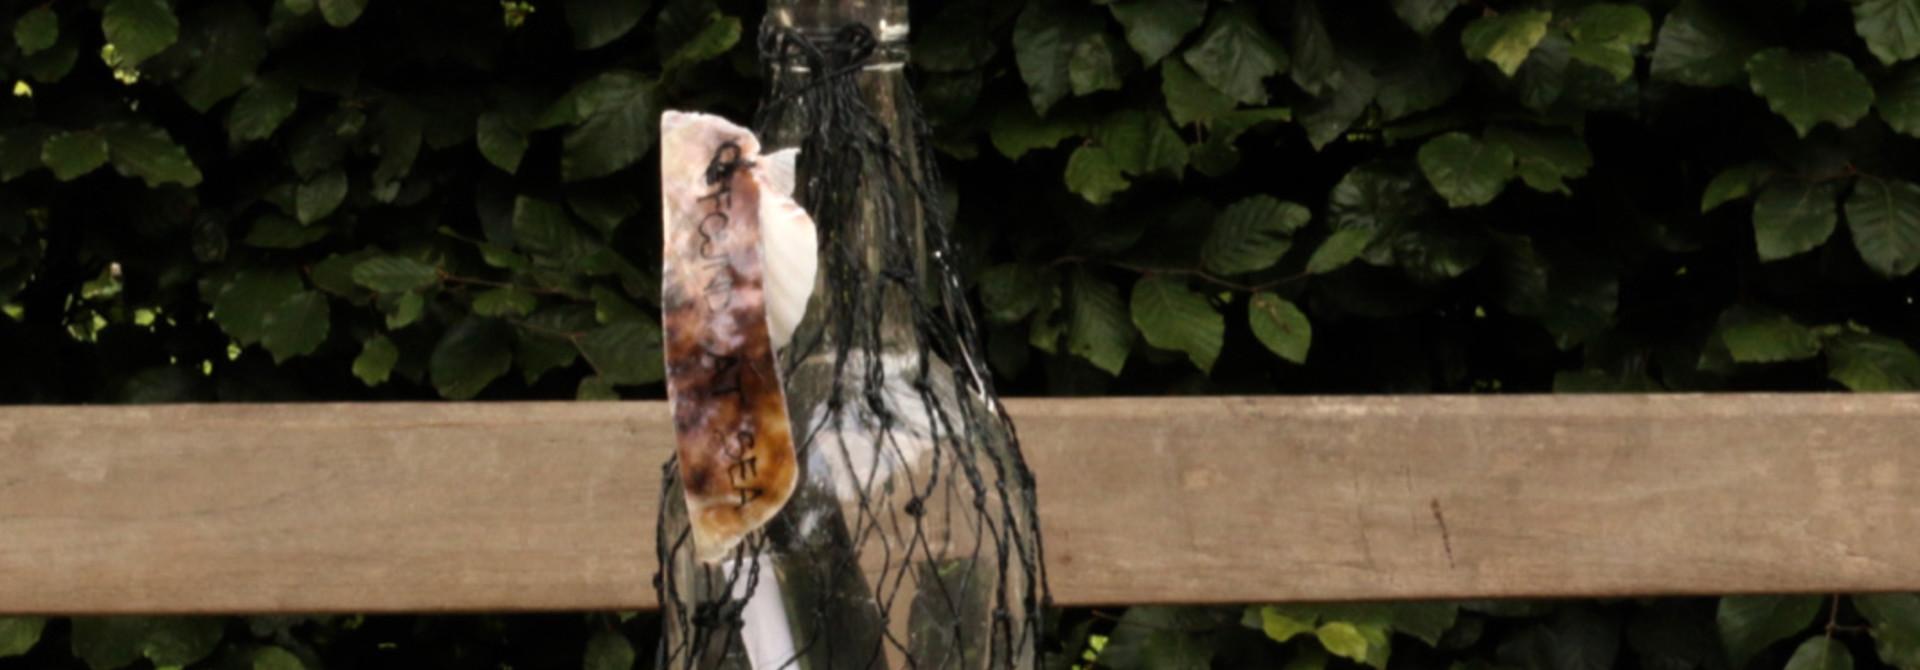 Bottle post bottle in net tied with a shell